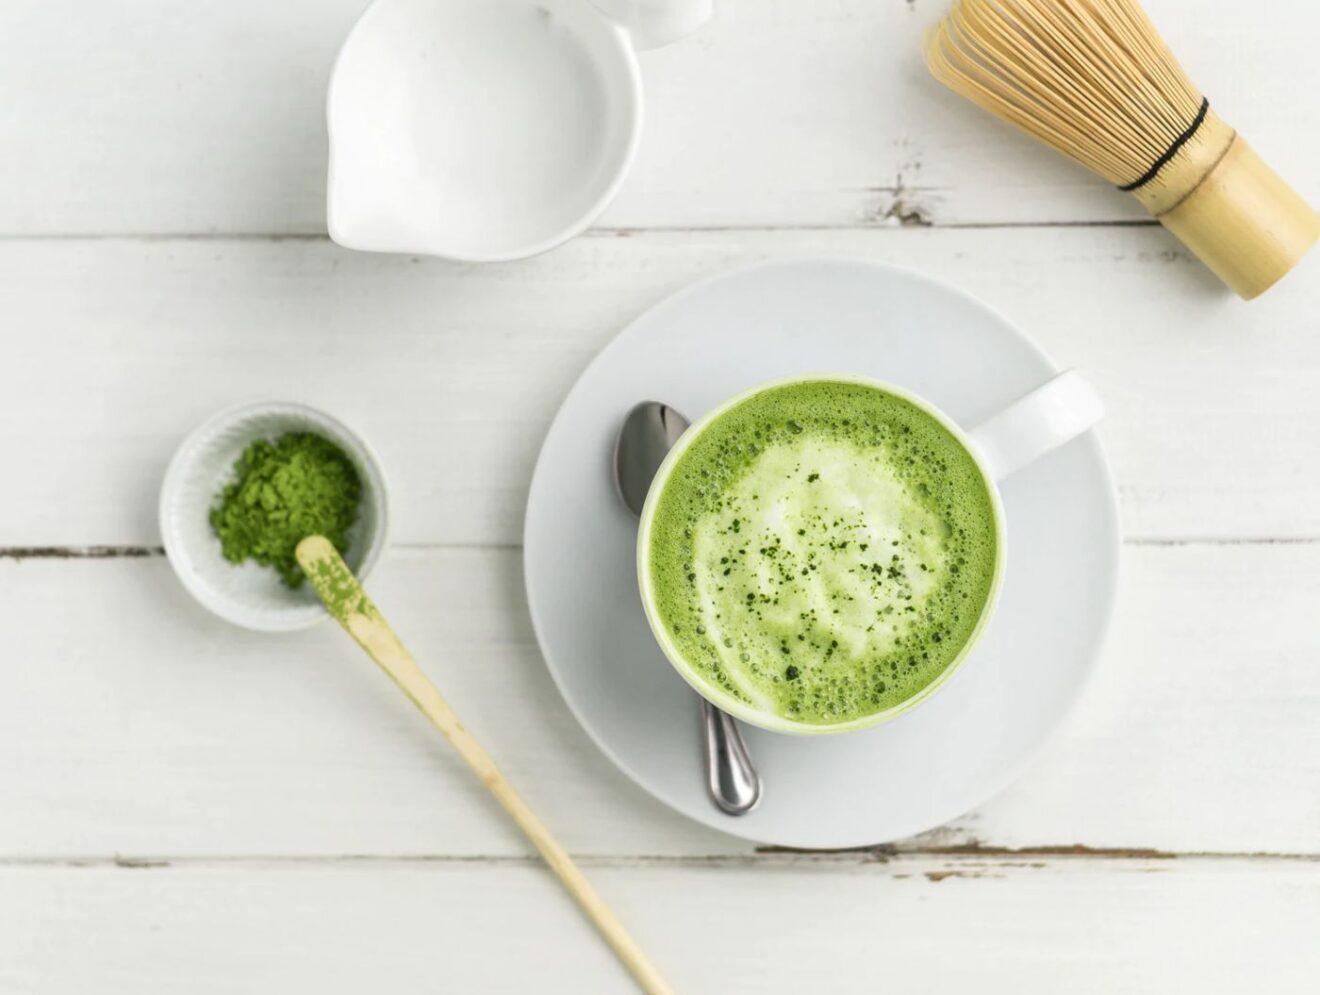 Cómo preparar té matcha latte